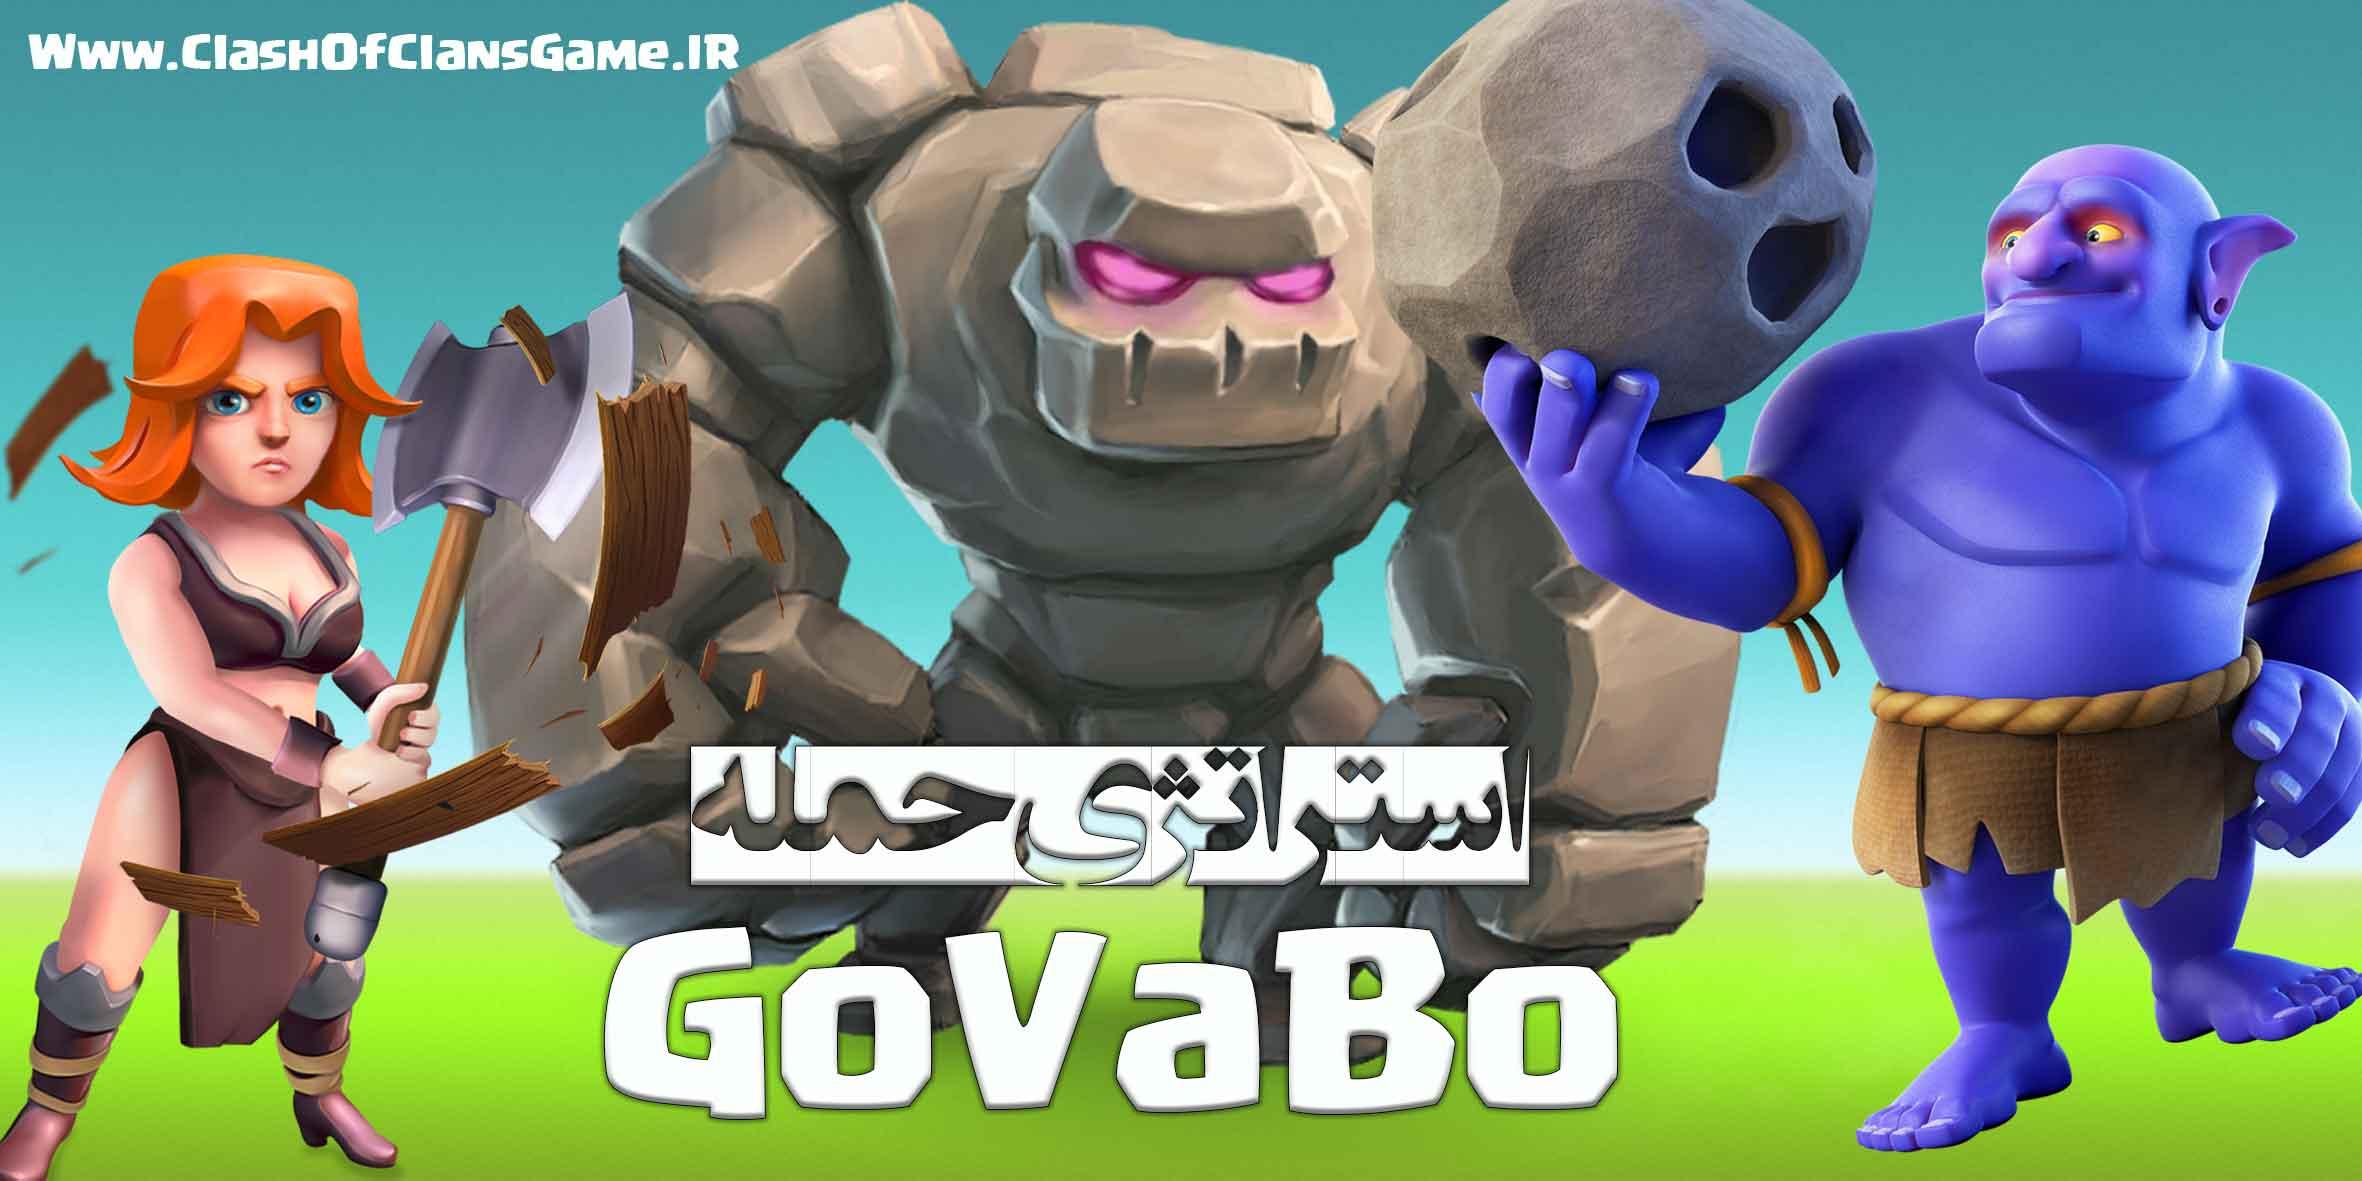 استراتژی حمله GoVaBo